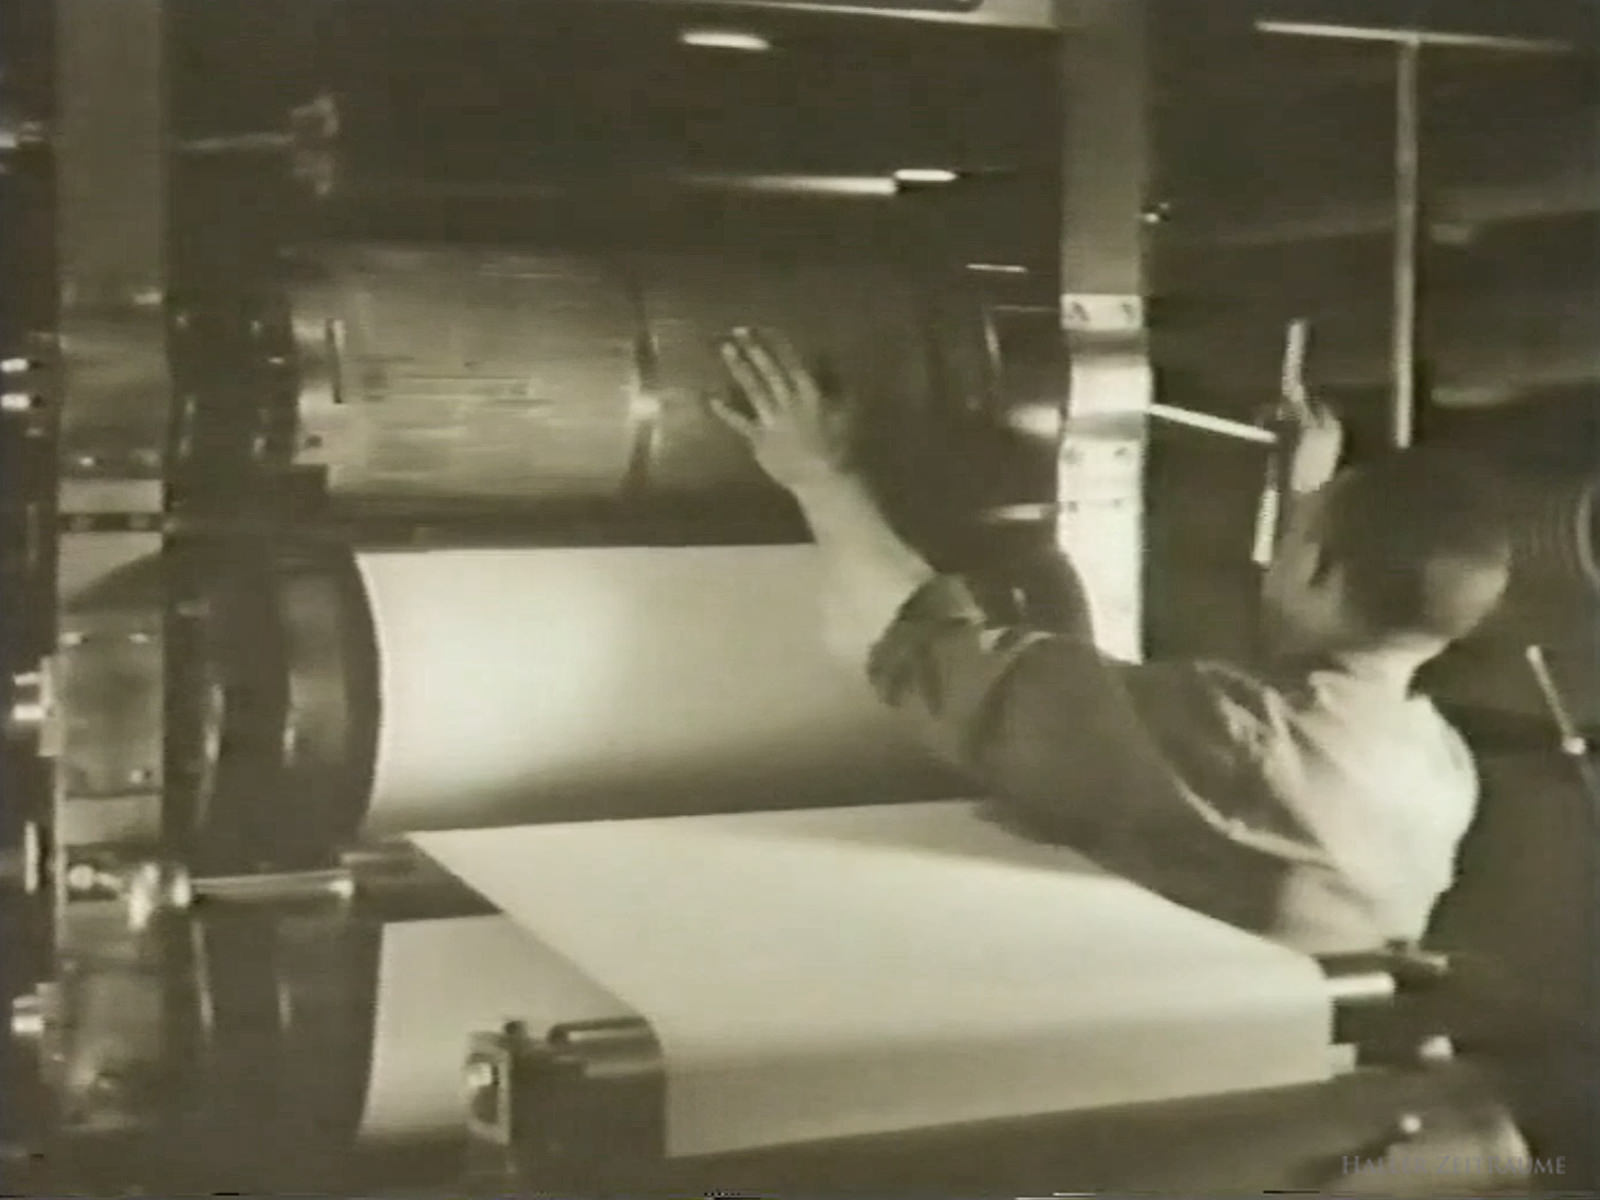 Druckerei Haller Kreisblatt - Standbild aus Film 1932 - 50 Jahre Haller Kreisblatt